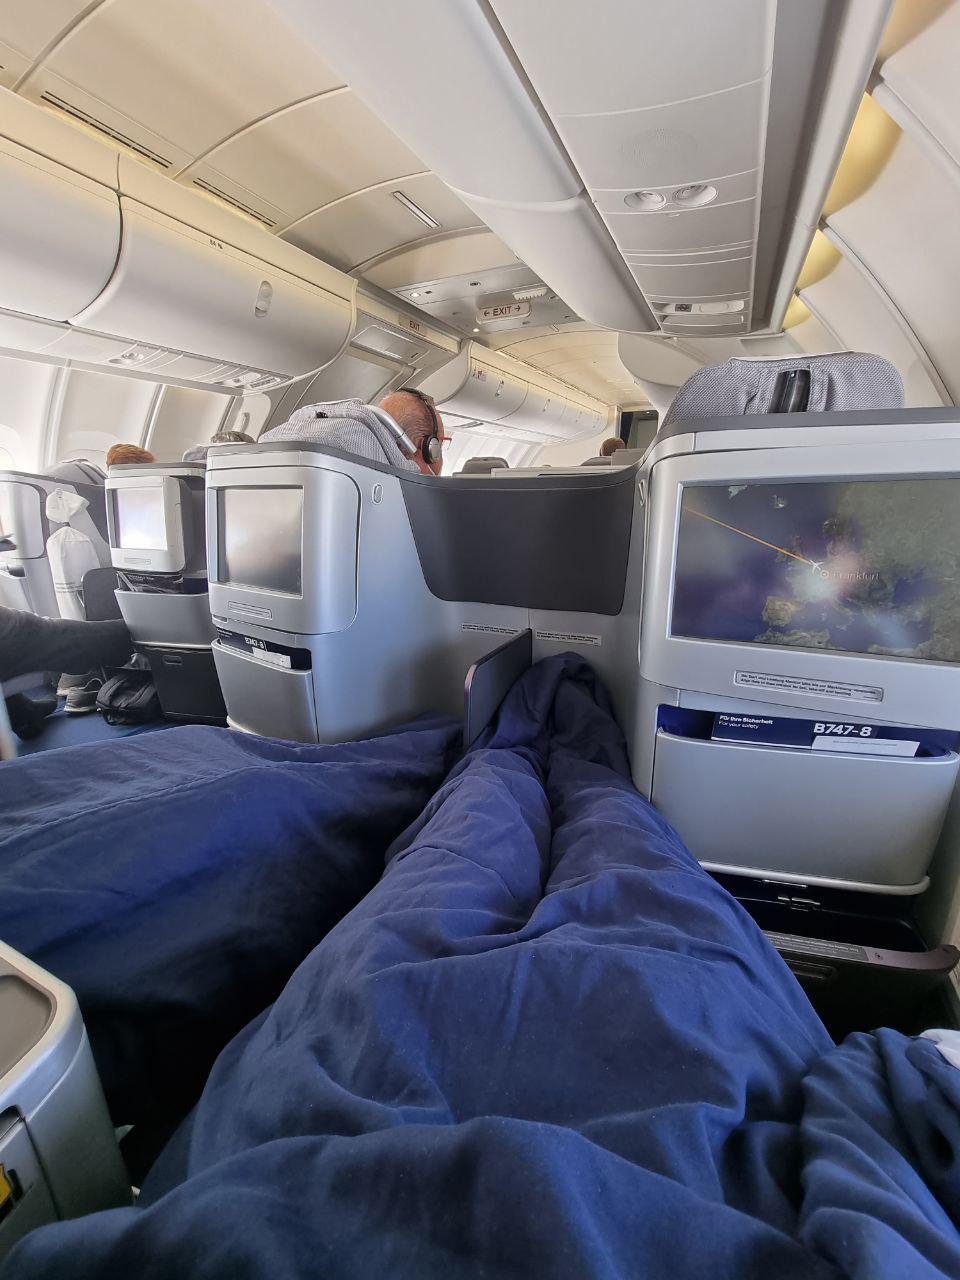 Кресла бизнес-класса в Boeing 747-8 Lufthansa в разложенном состоянии